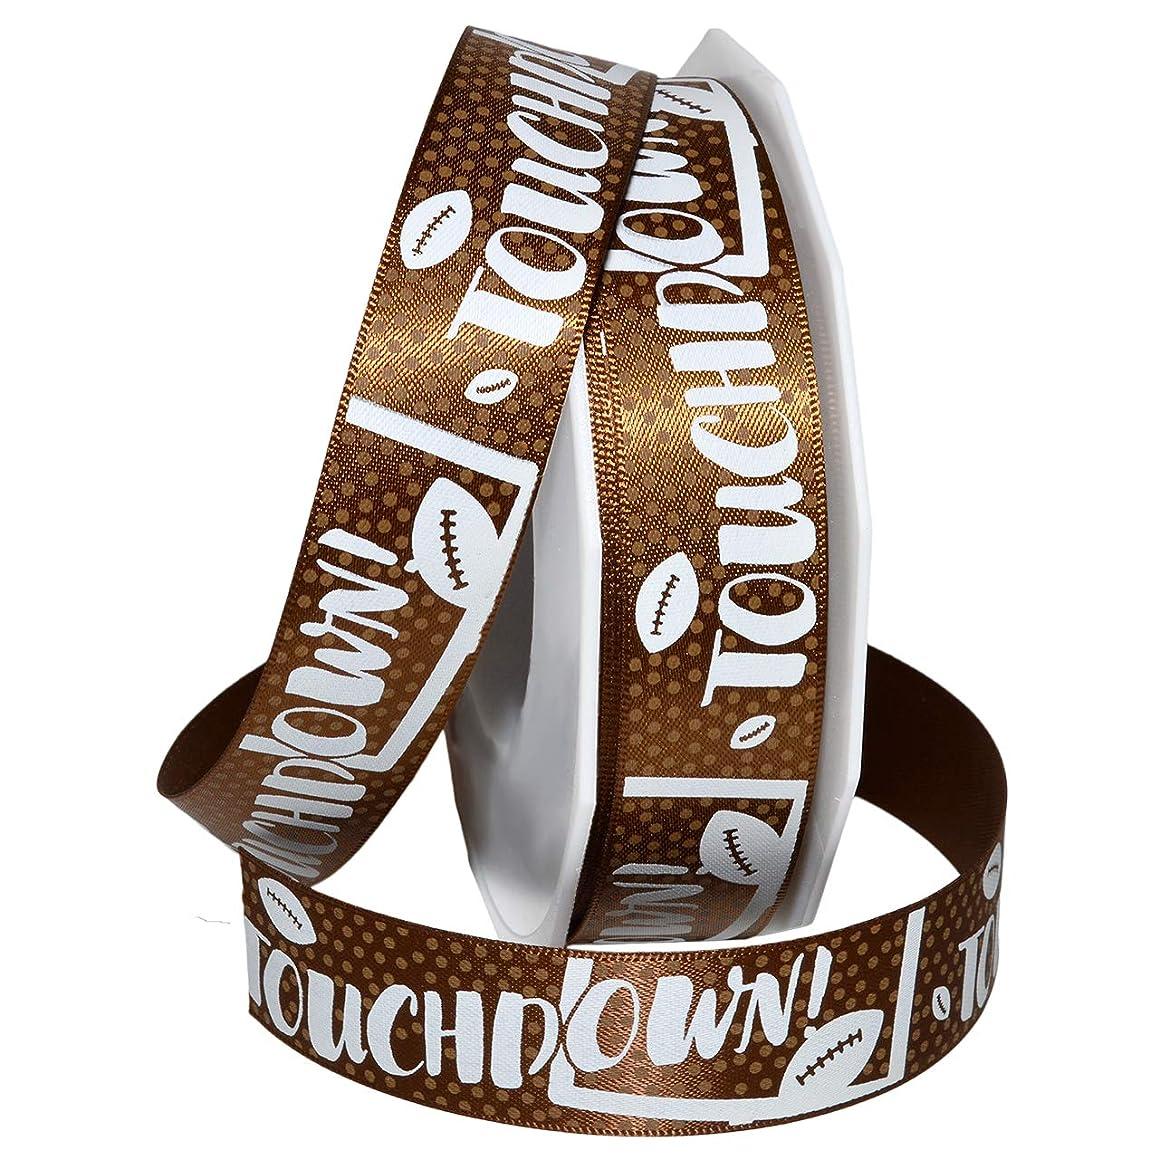 Morex Ribbon 4203 Touchdown Ribbon 7/8 inch by 20 Yards Brown